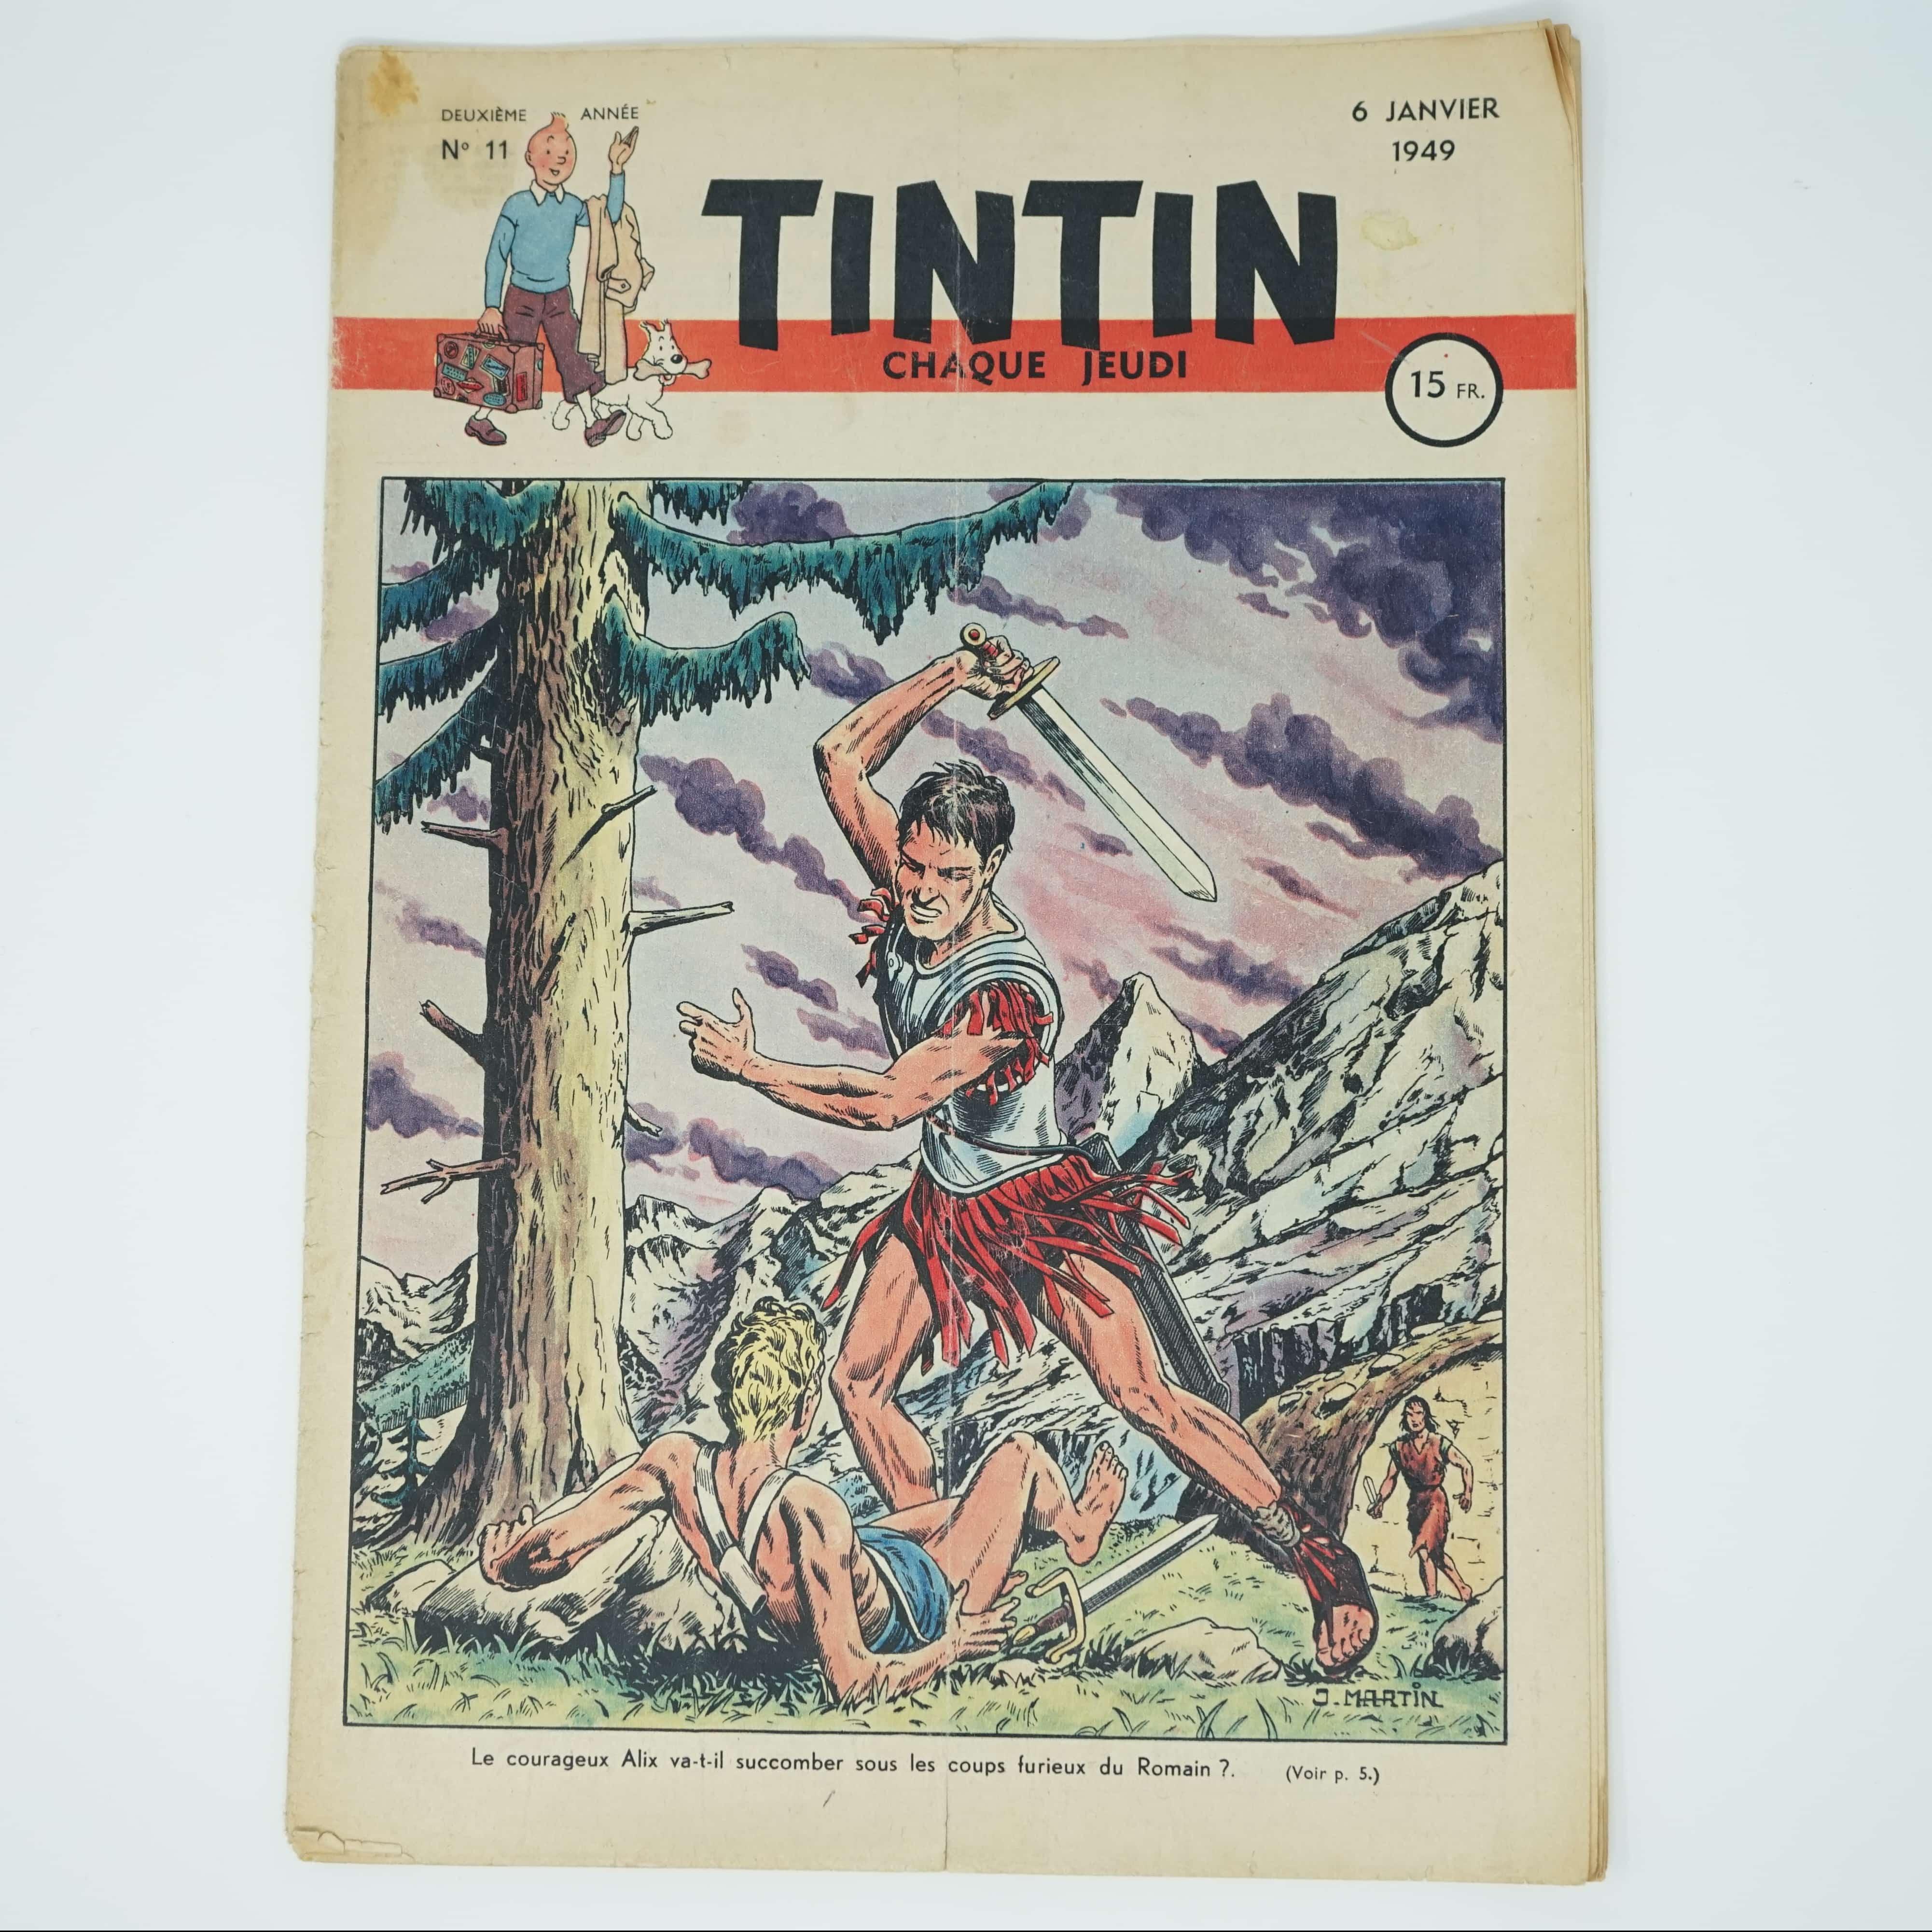 Tintin Édition Française N°11